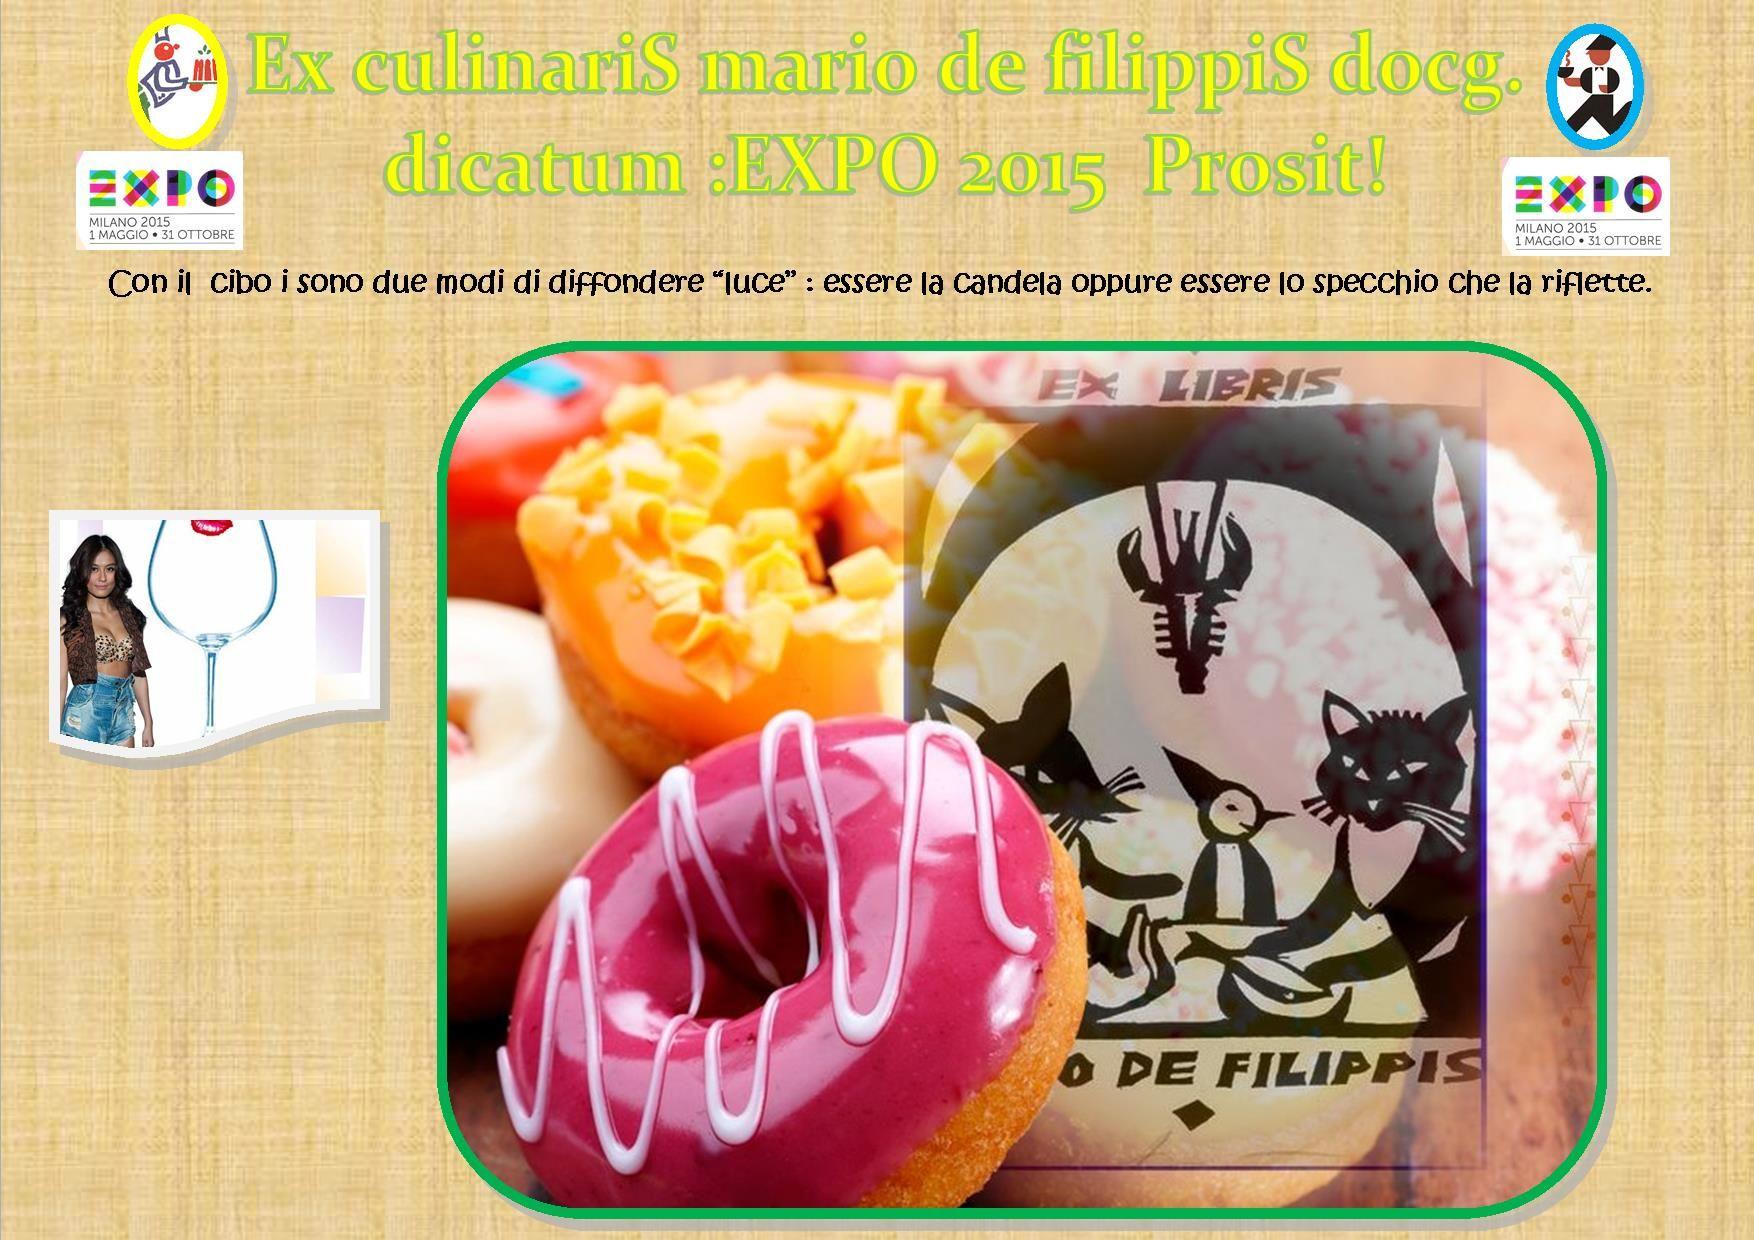 expo 2015 ex libris cucina mario de filippis